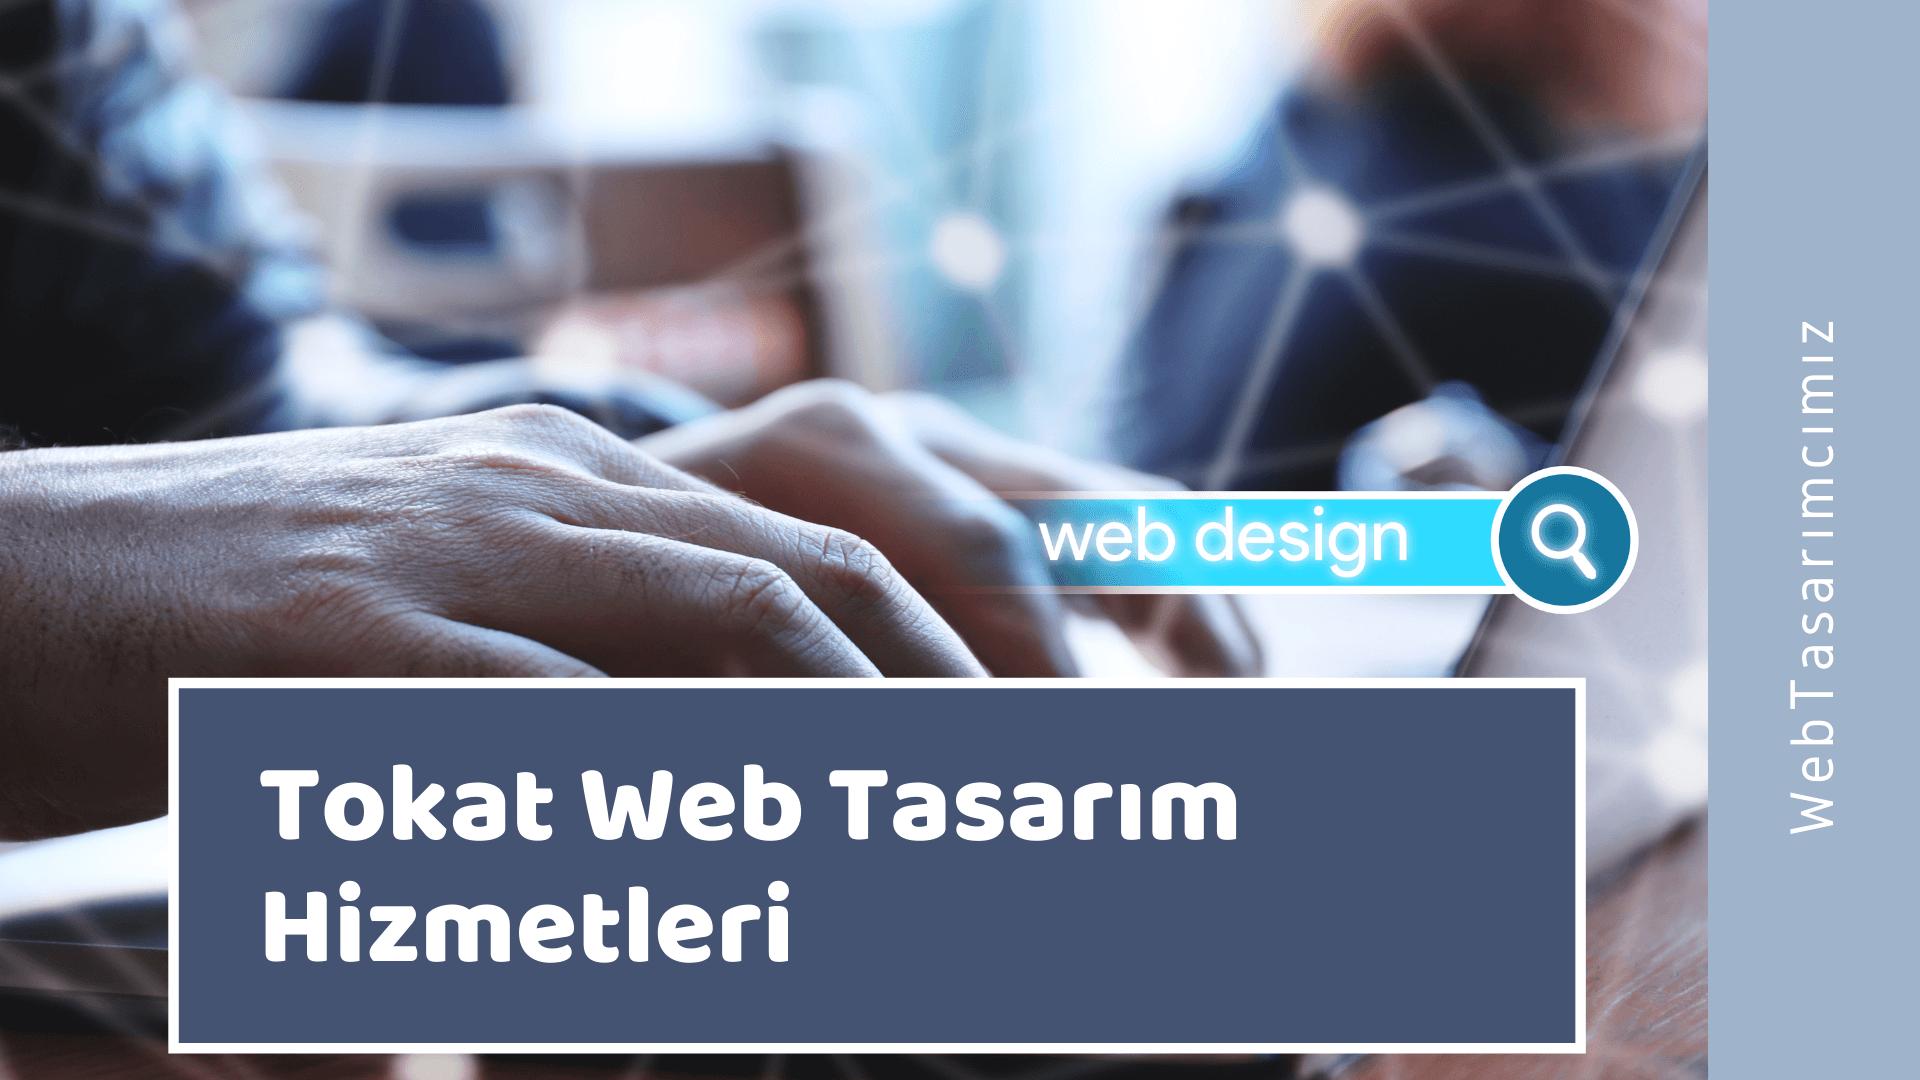 Tokat Web Tasarım Hizmetleri